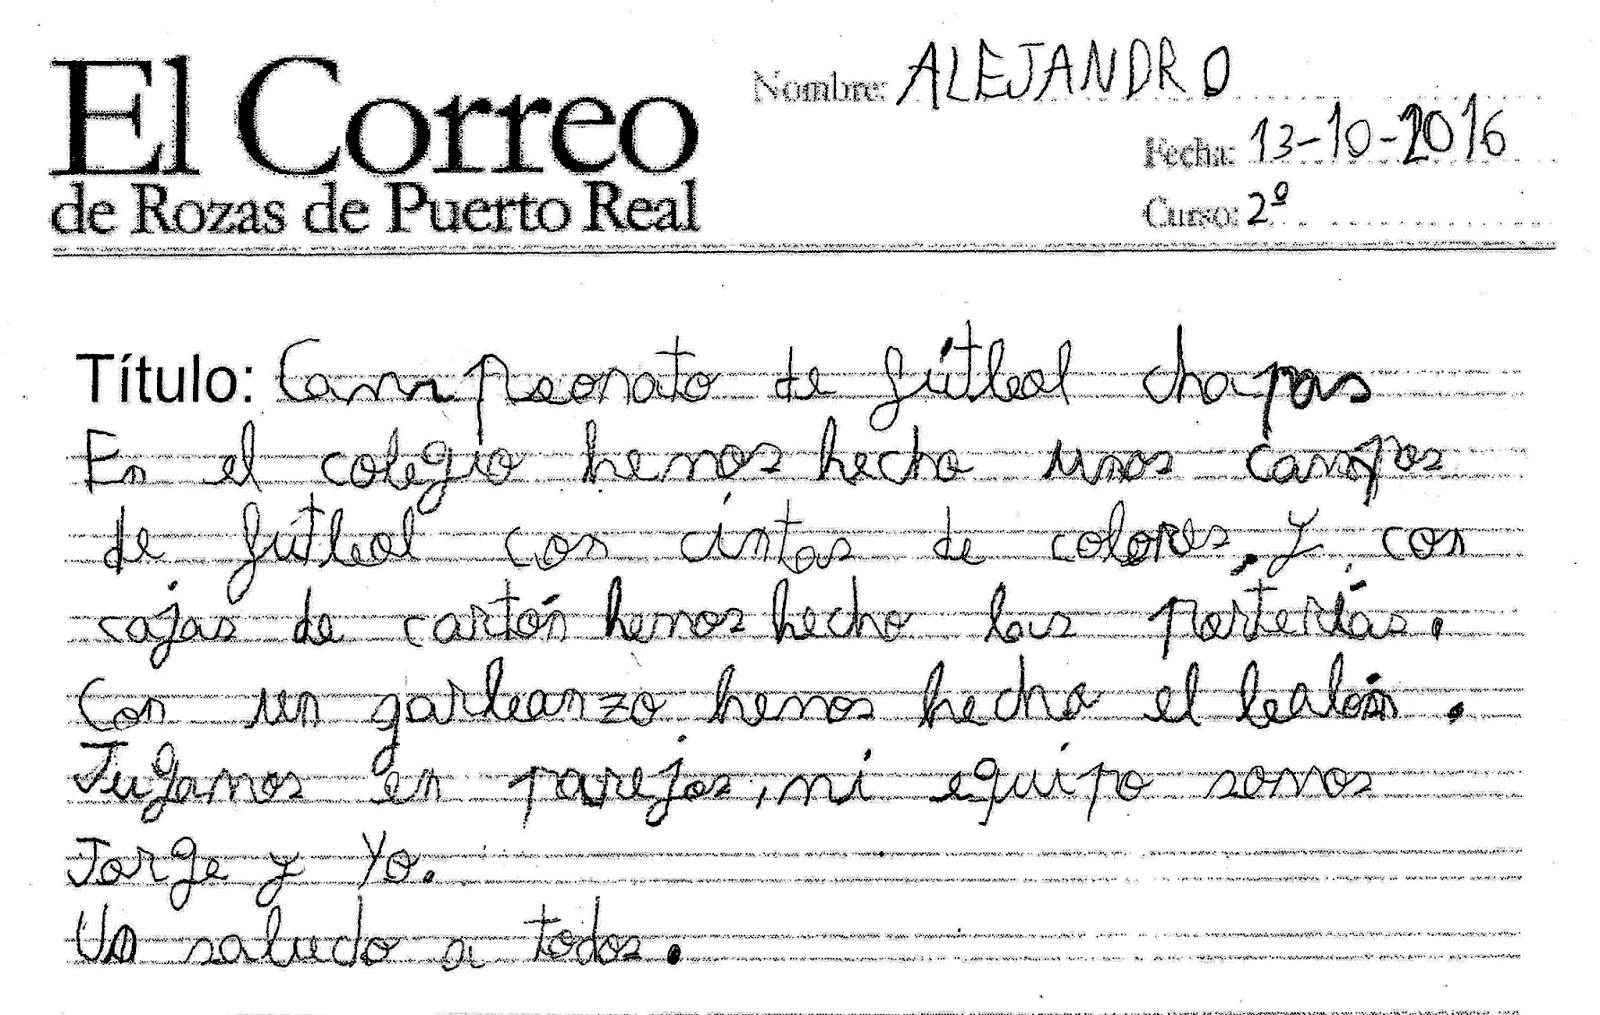 El correo de rozas de puerto real for Horario correos puerto real